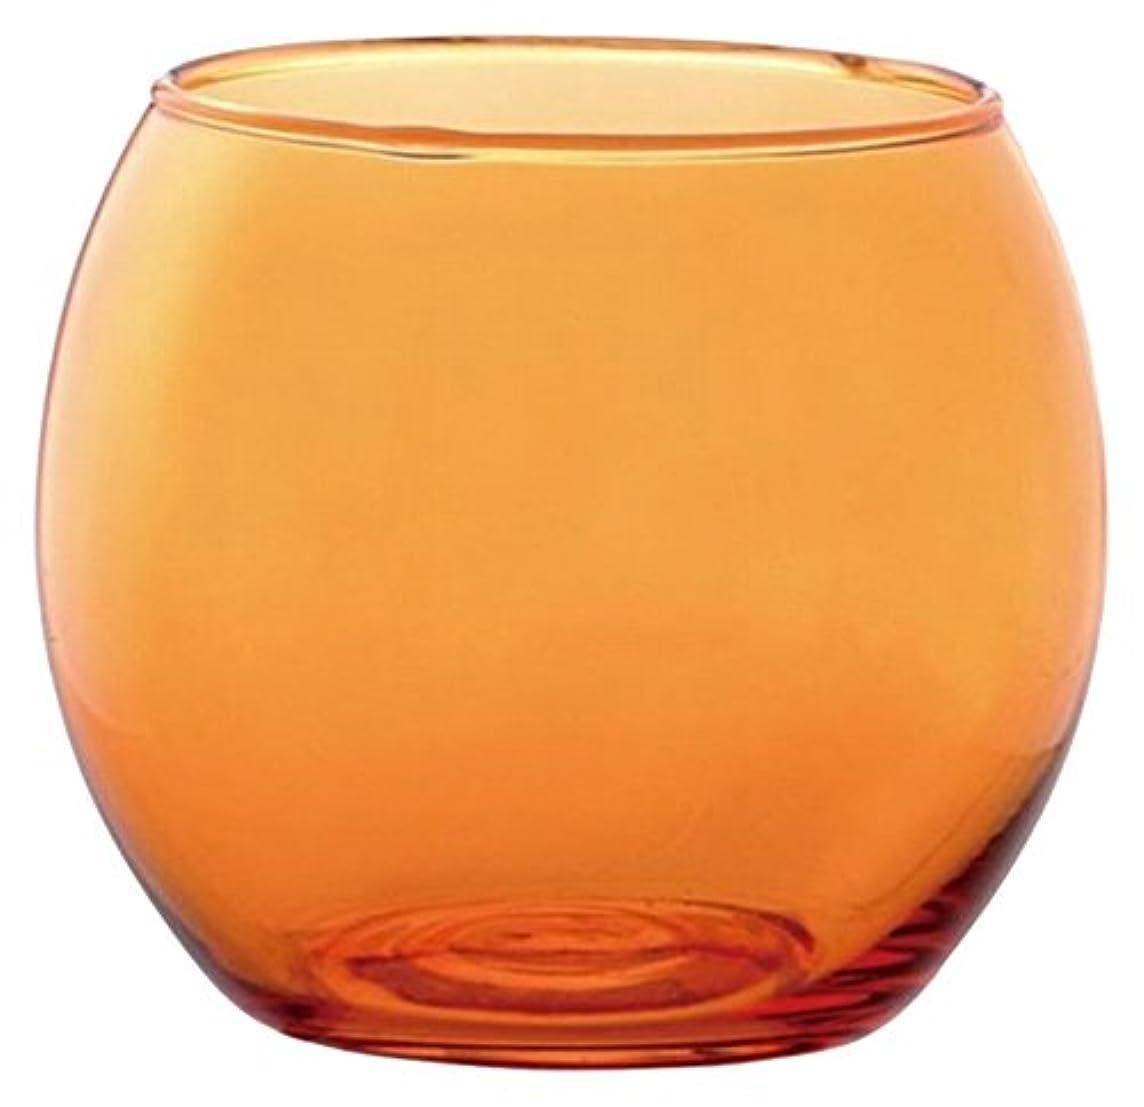 対人雨気球カメヤマキャンドルハウス スフィアキャンドルホルダー  オレンジ